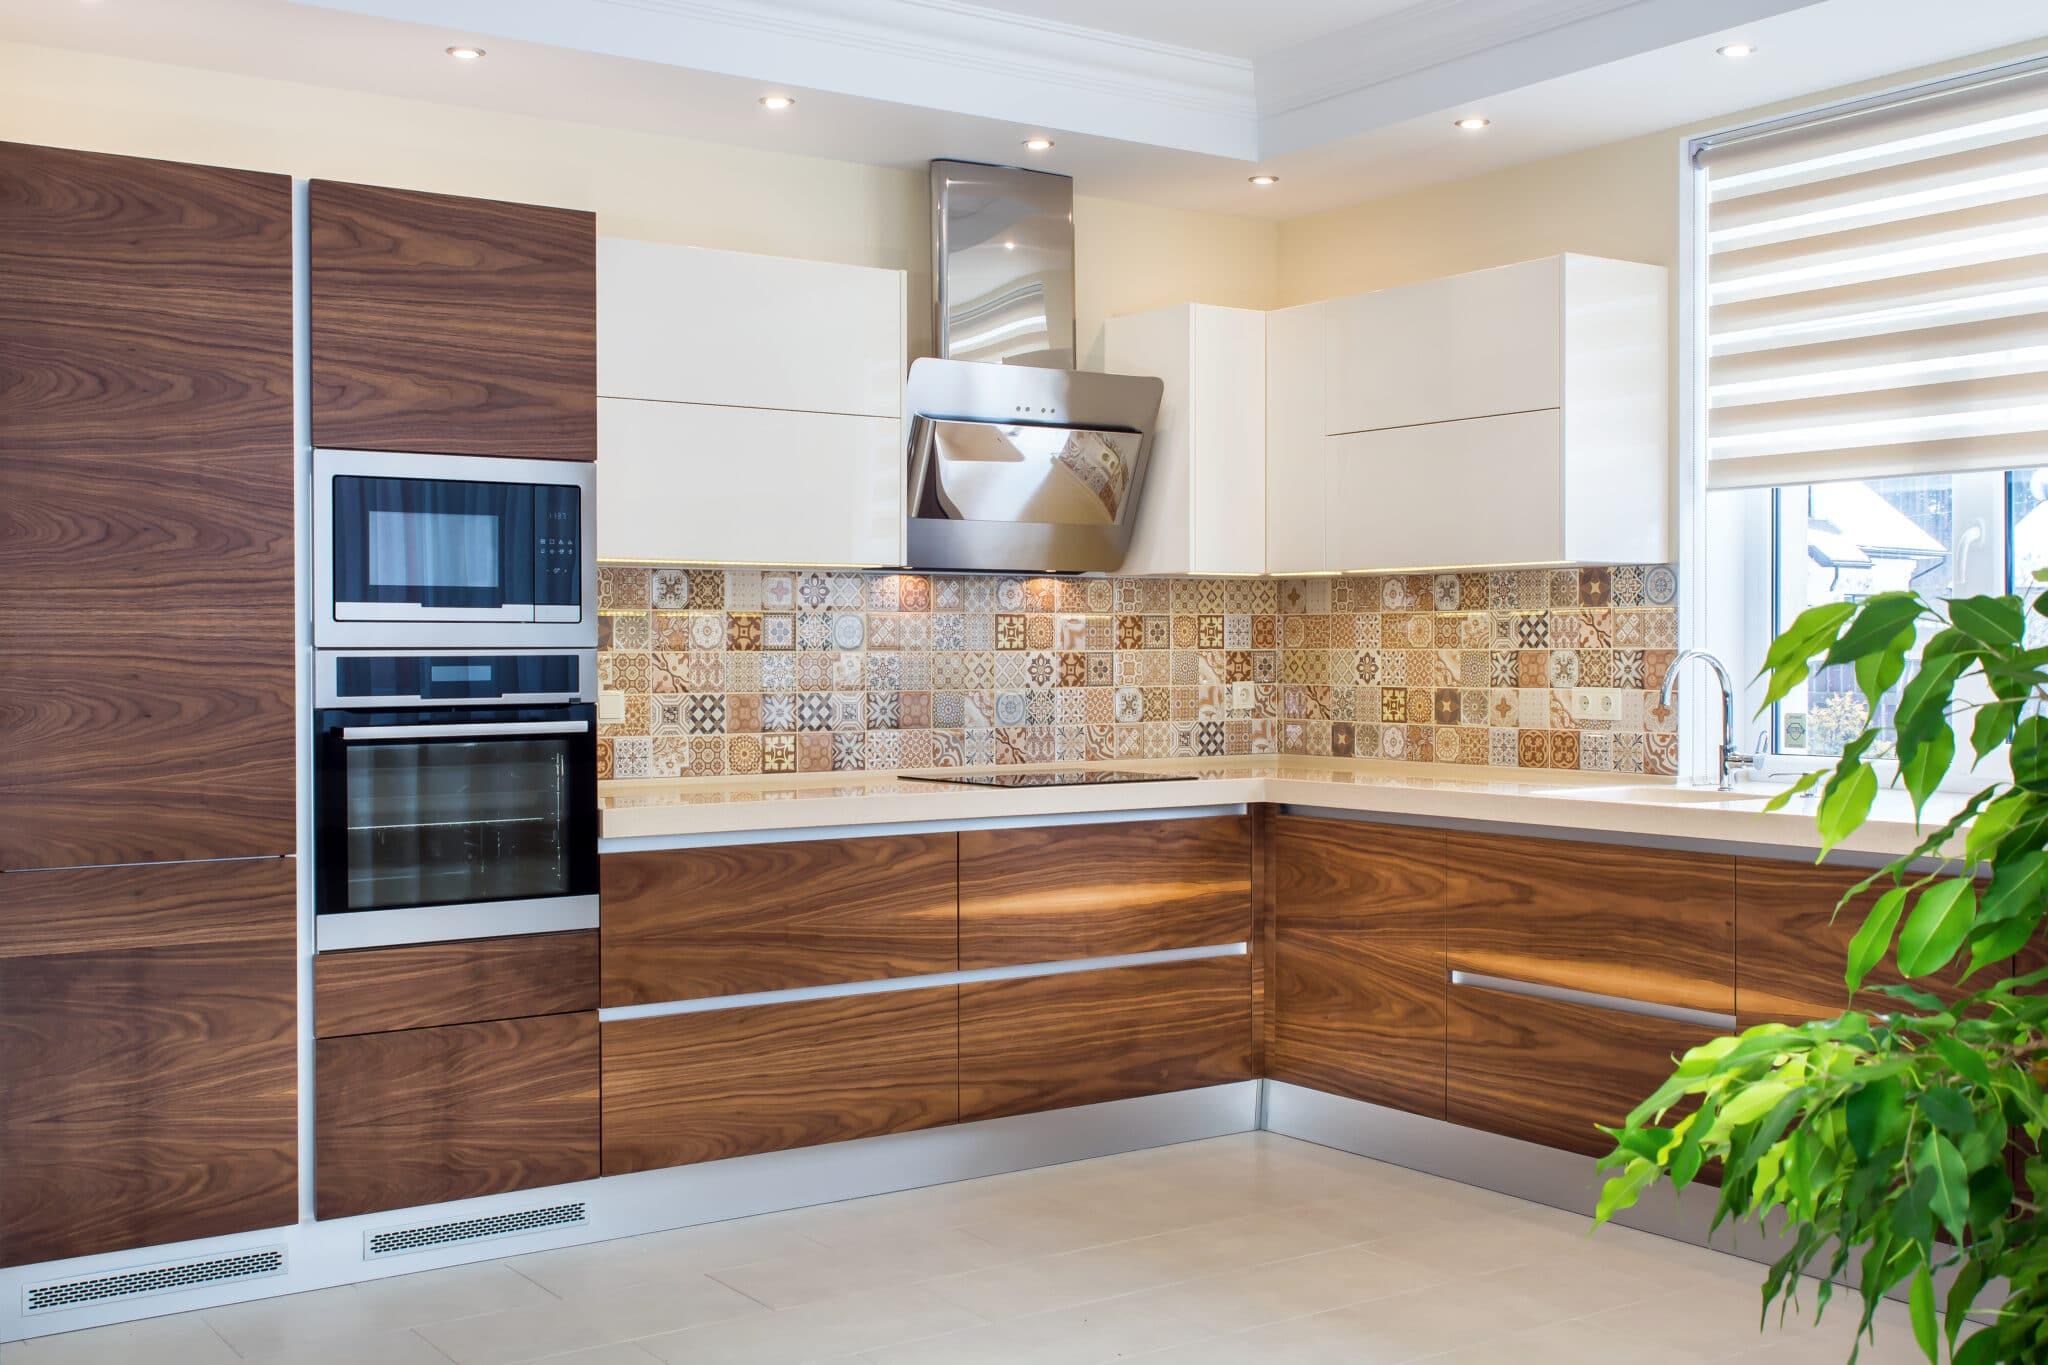 מטבחים מעץ רשת לעיצוב וייצור מטבחים קלאסיים מיומנים עם הרבה רצון לספק מטבחים איכותיים שיודעים לספק שירות אדיב ומקצועי, שמומחים לשירותי ייצור ועיצוב מטבחים תוך כדי תחזוקת מטבחים